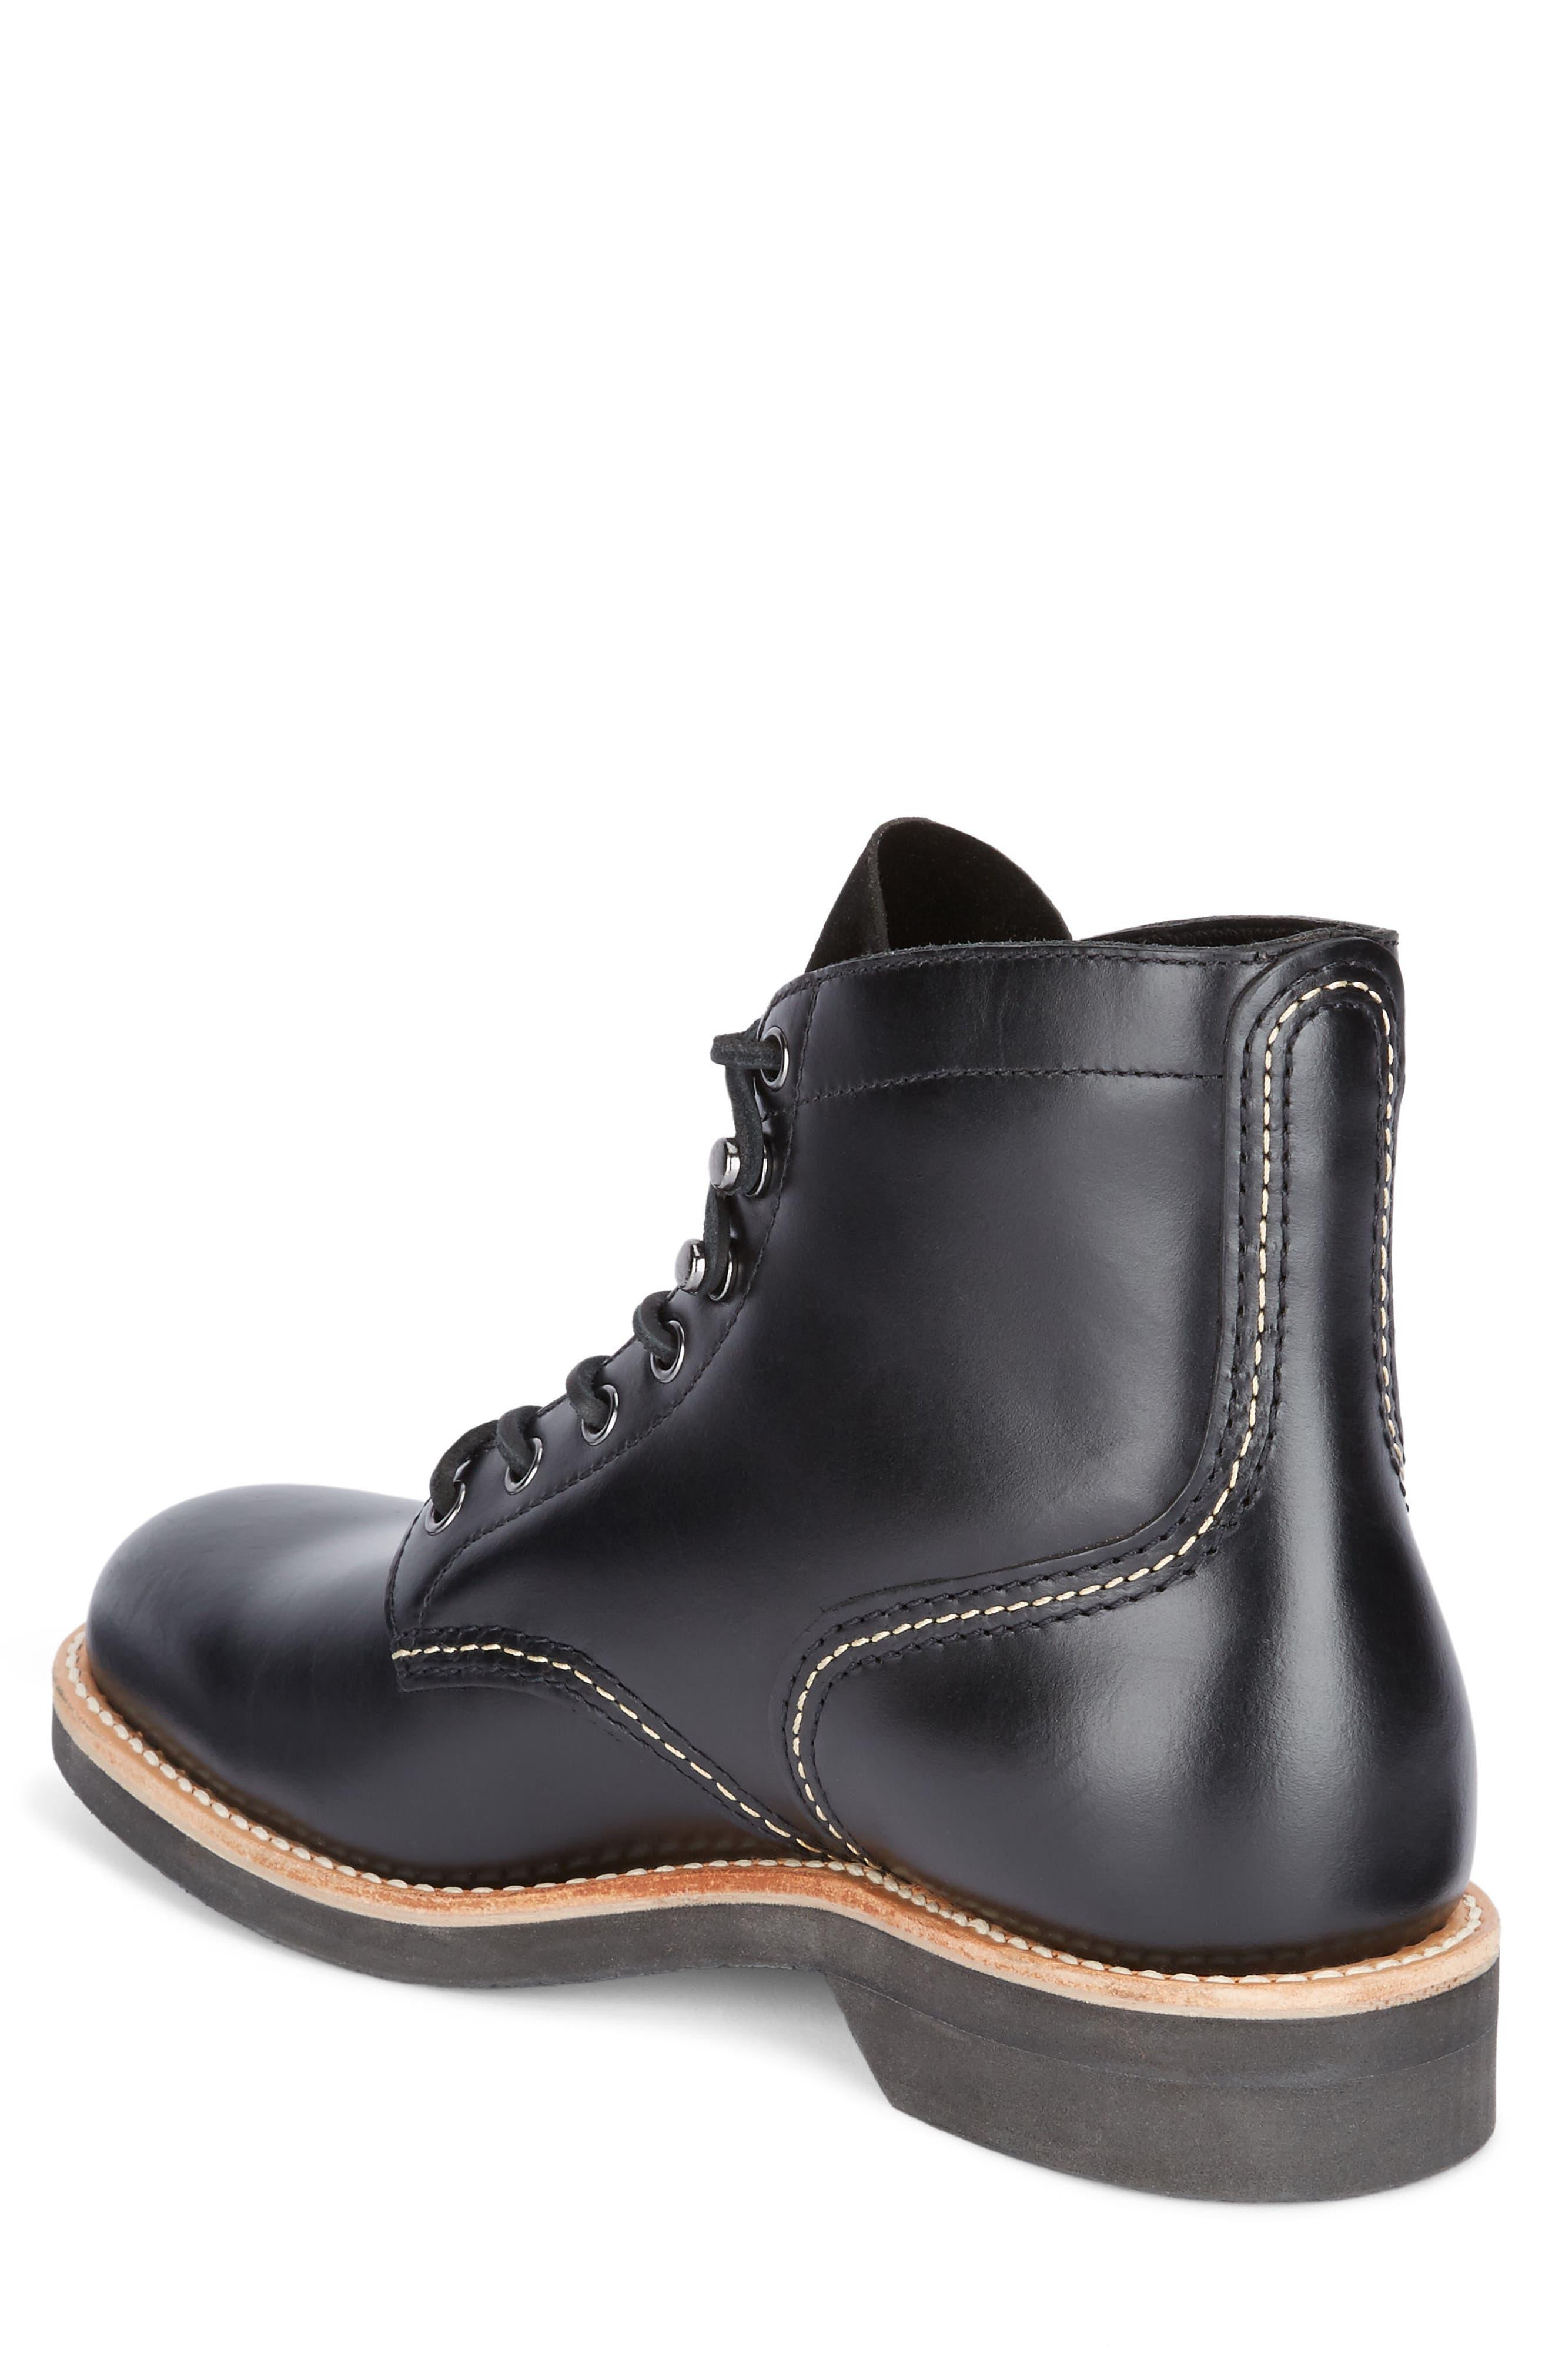 Reid Plain Toe Boot,                             Alternate thumbnail 2, color,                             Black